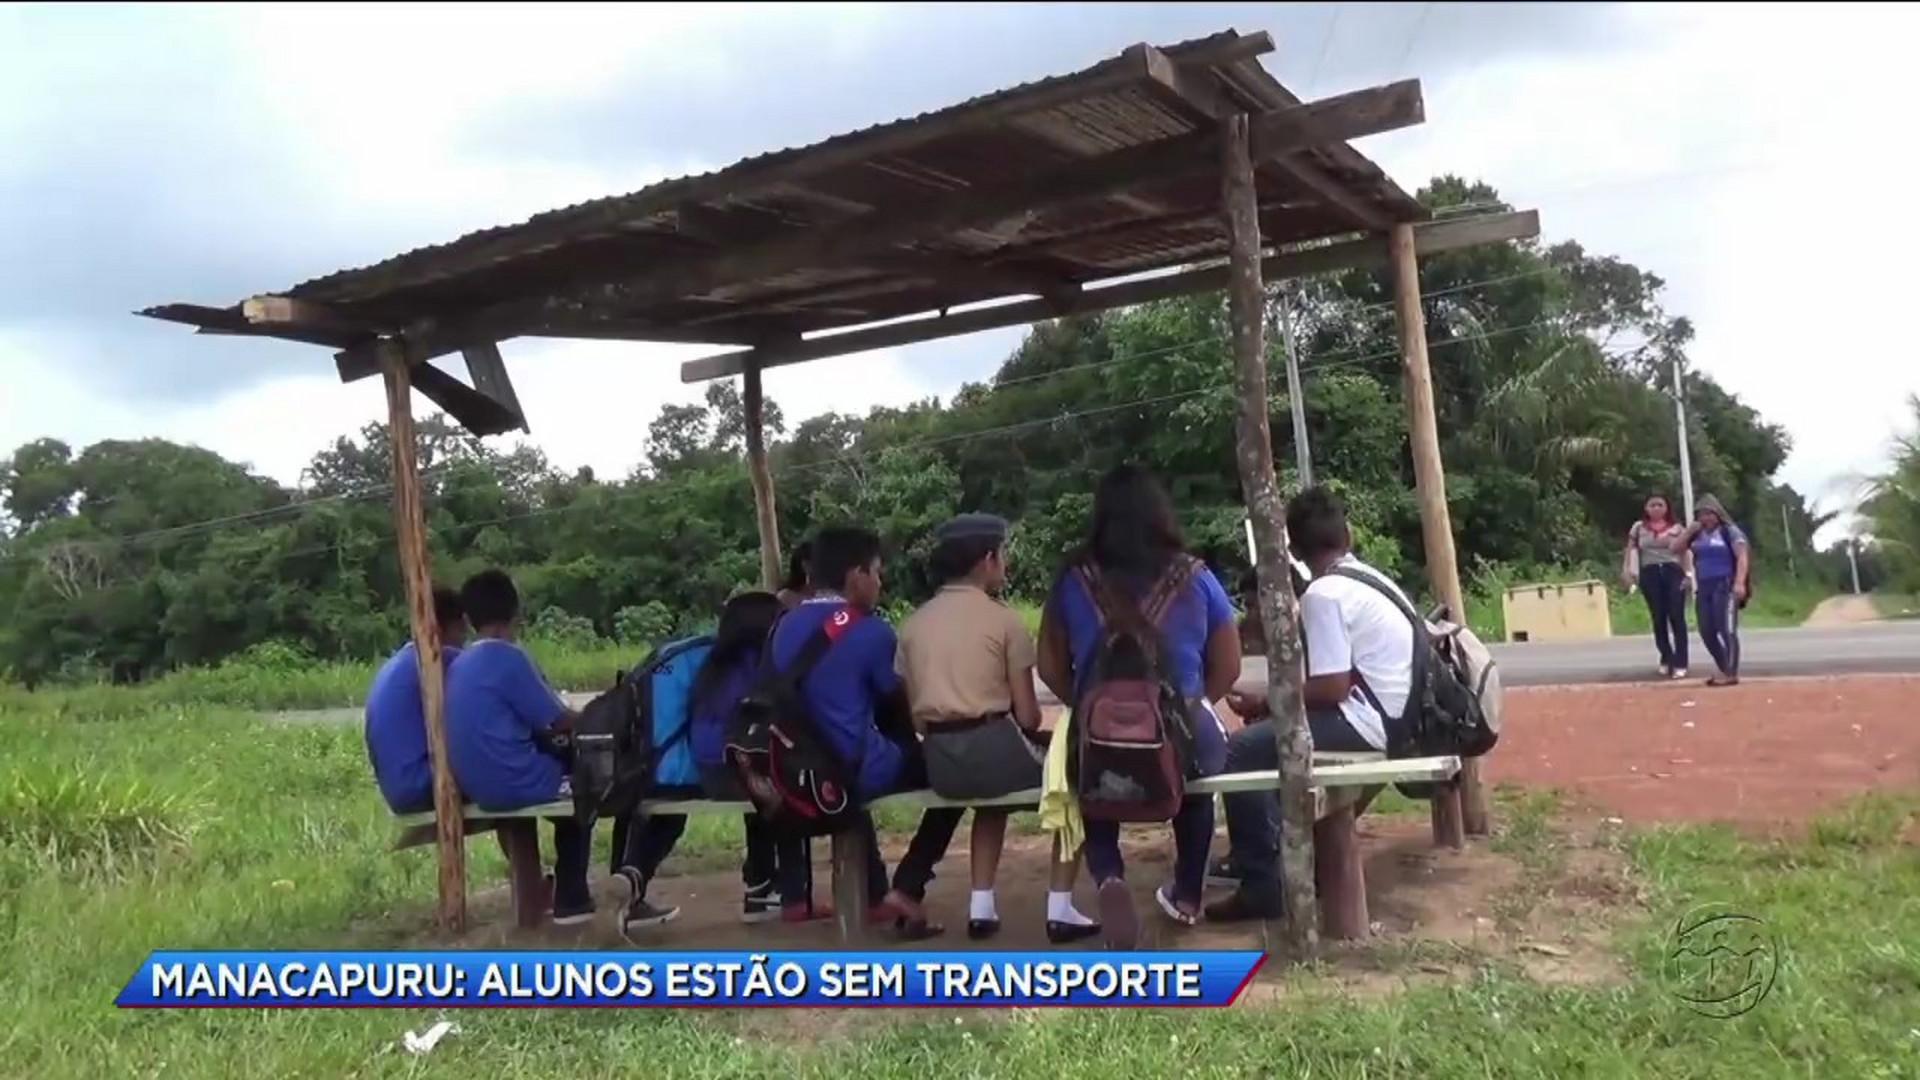 ALUNOS ESTÃO SEM TRANSPORTE ESCOLAR EM MANACAPURU - Cidade Alerta Manaus - 17/11/17